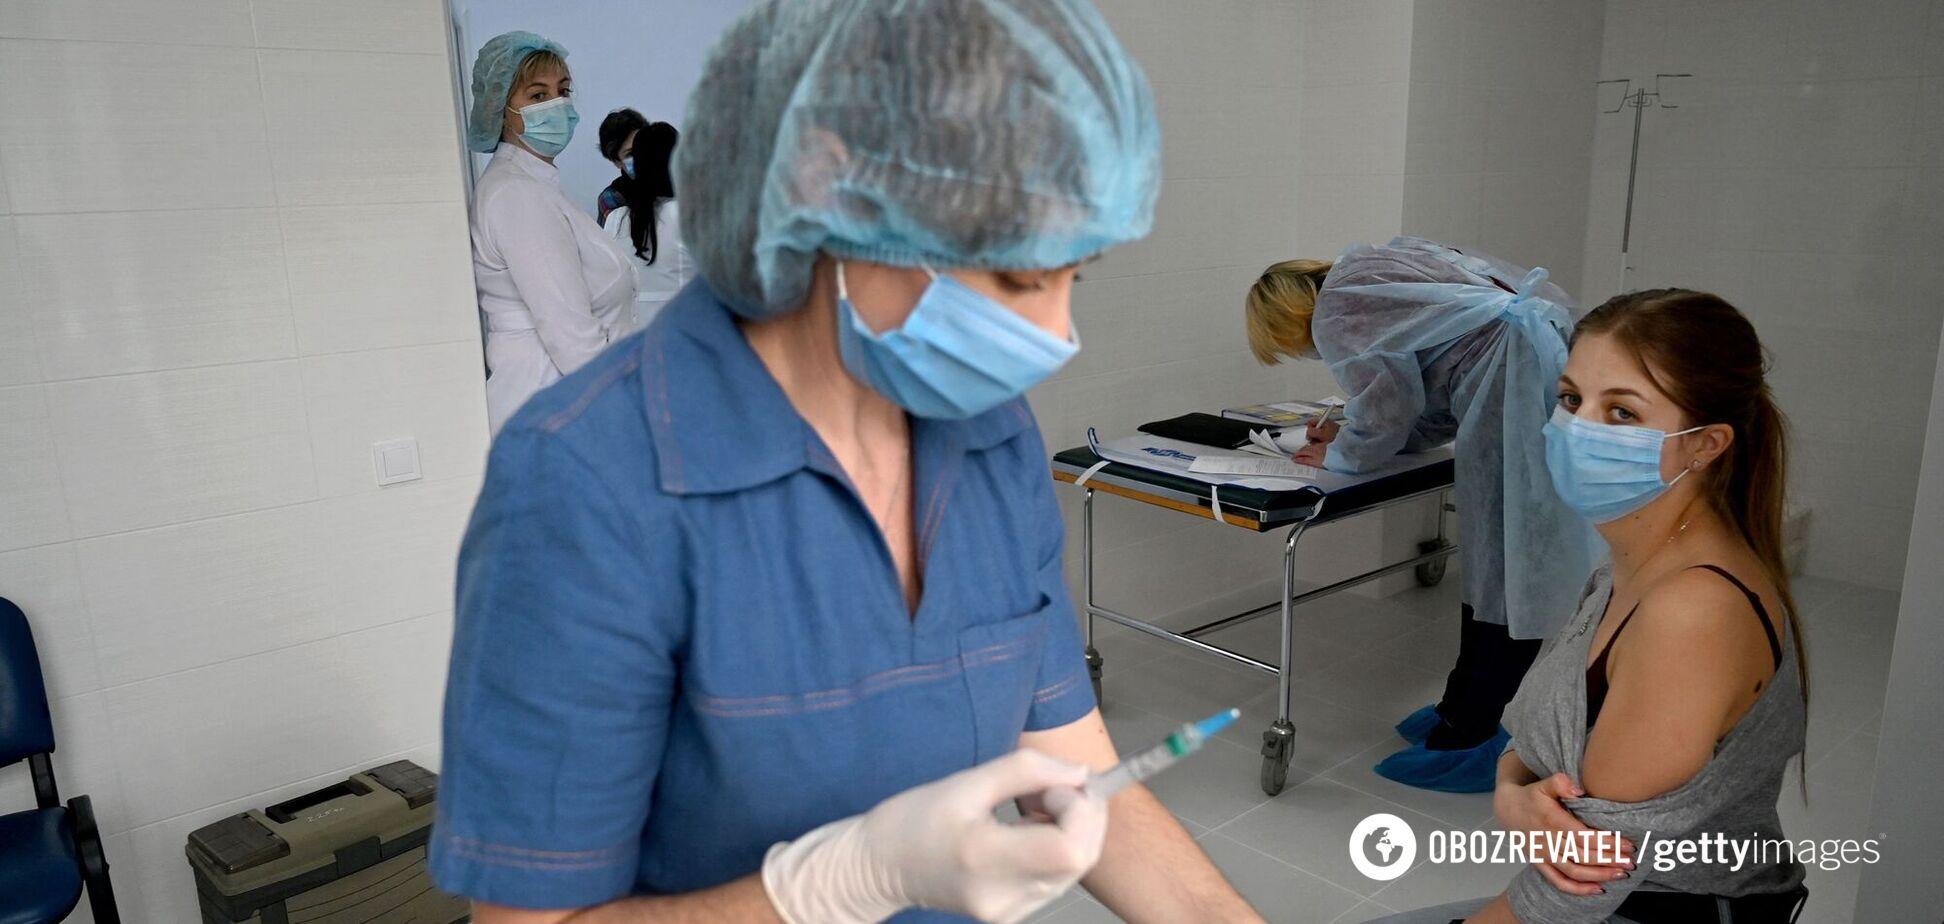 В Украине за сутки вакцинировали более 10 тысяч человек: где больше всего